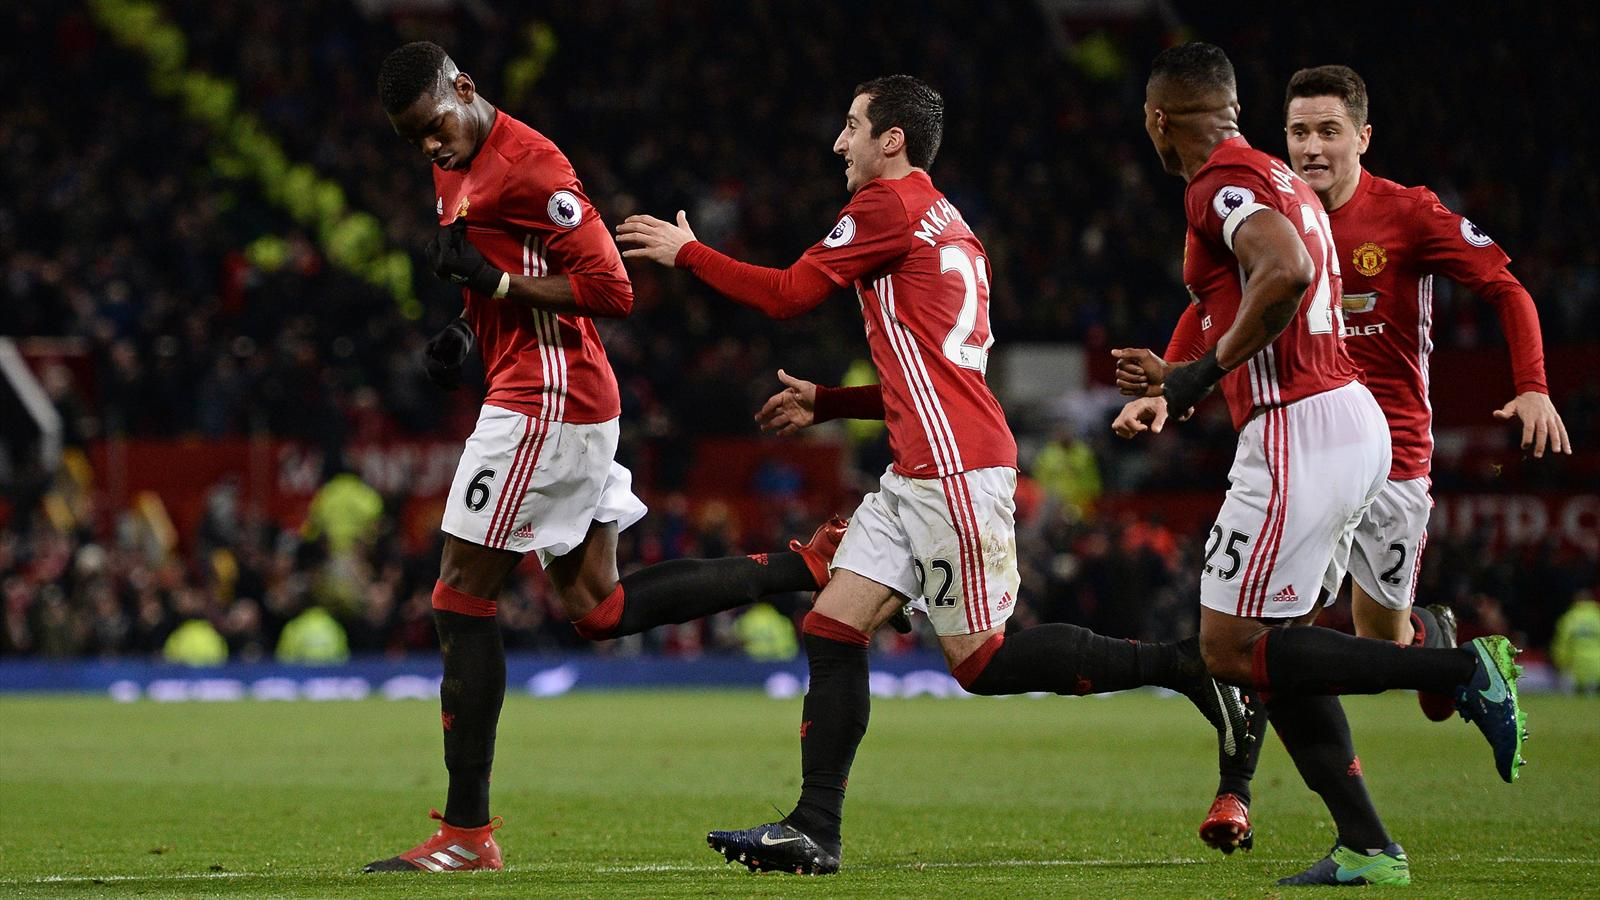 Моуриньо: хочу, чтобы Погба забыл о своей цене и играл в футбол